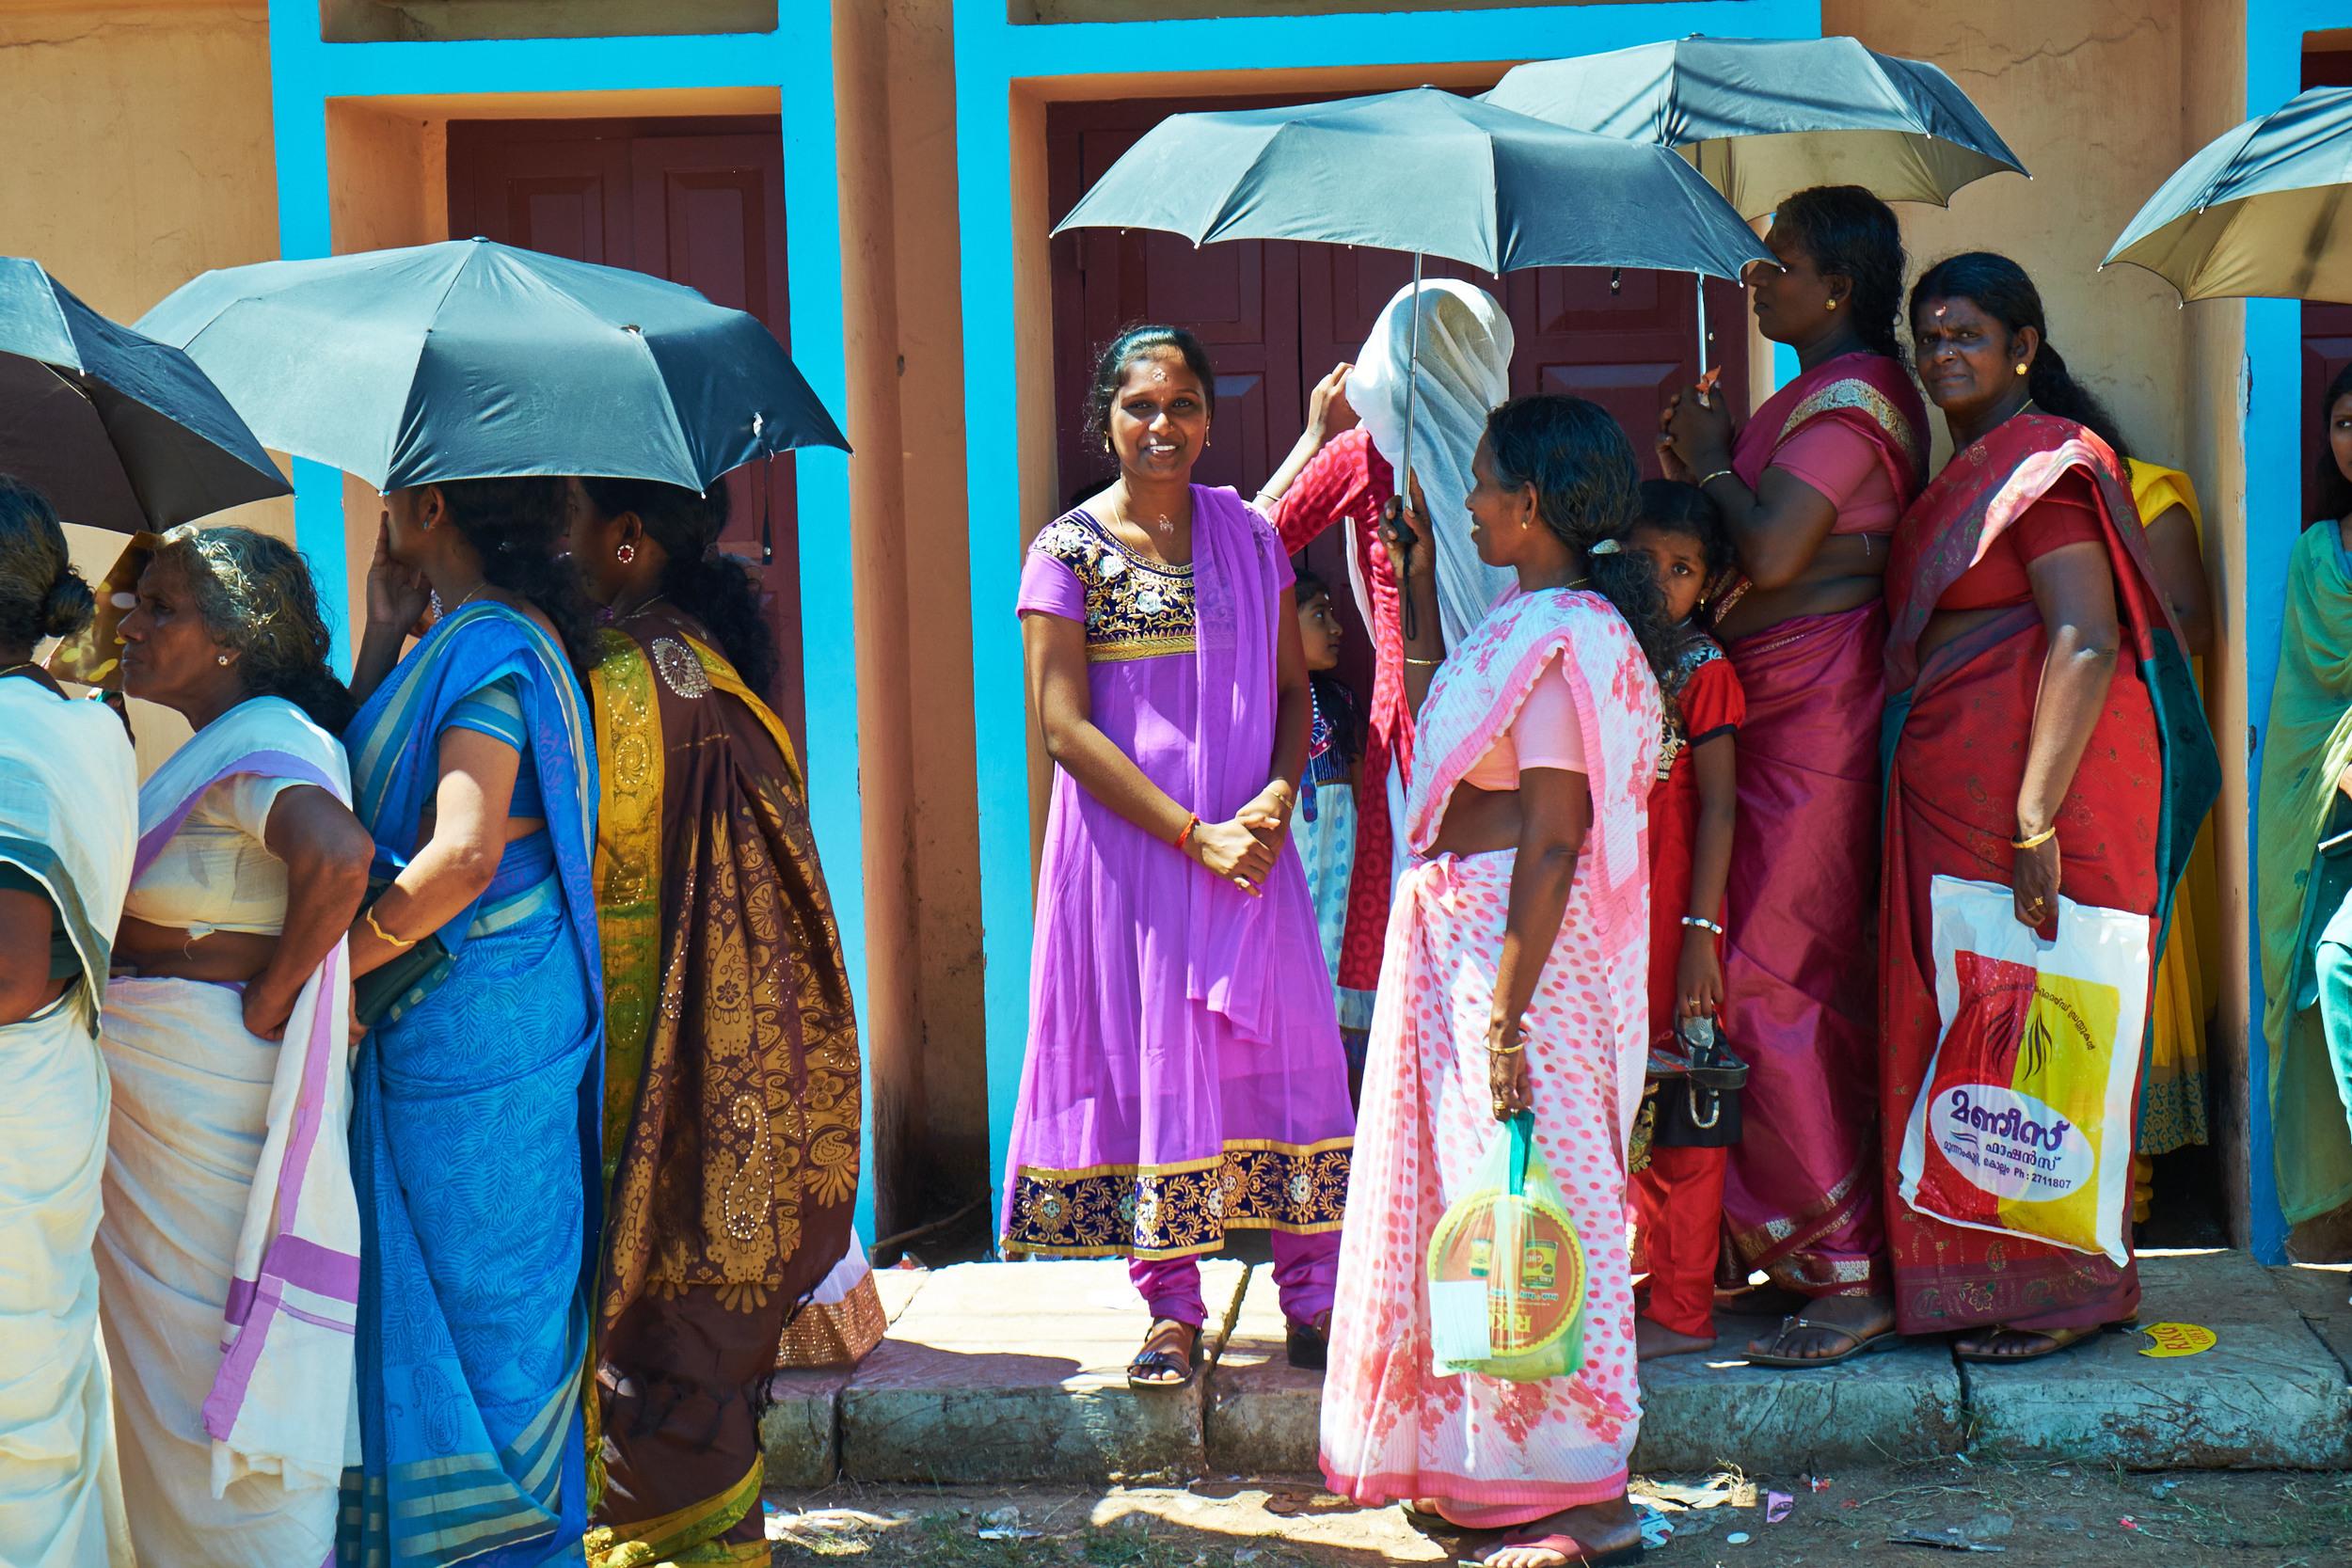 In Queue for Vishu Meal, Kollam.